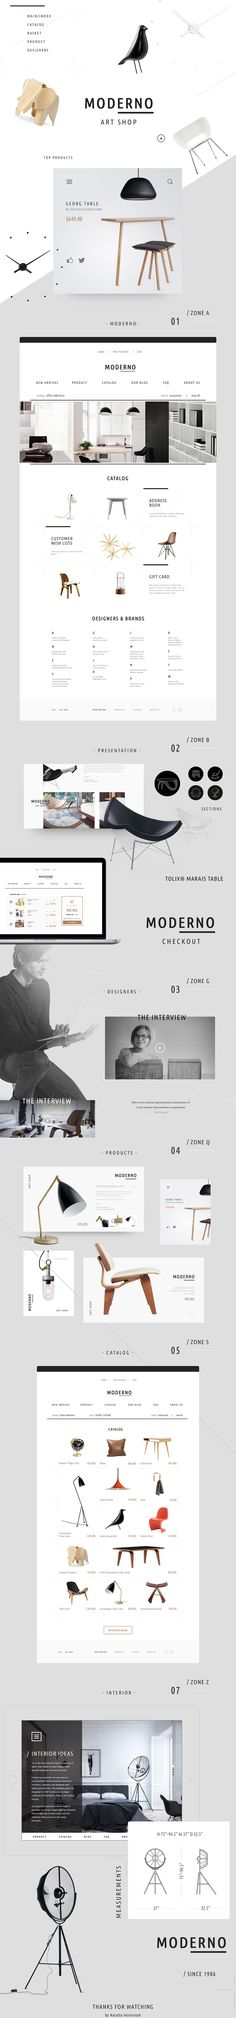 Modelo web